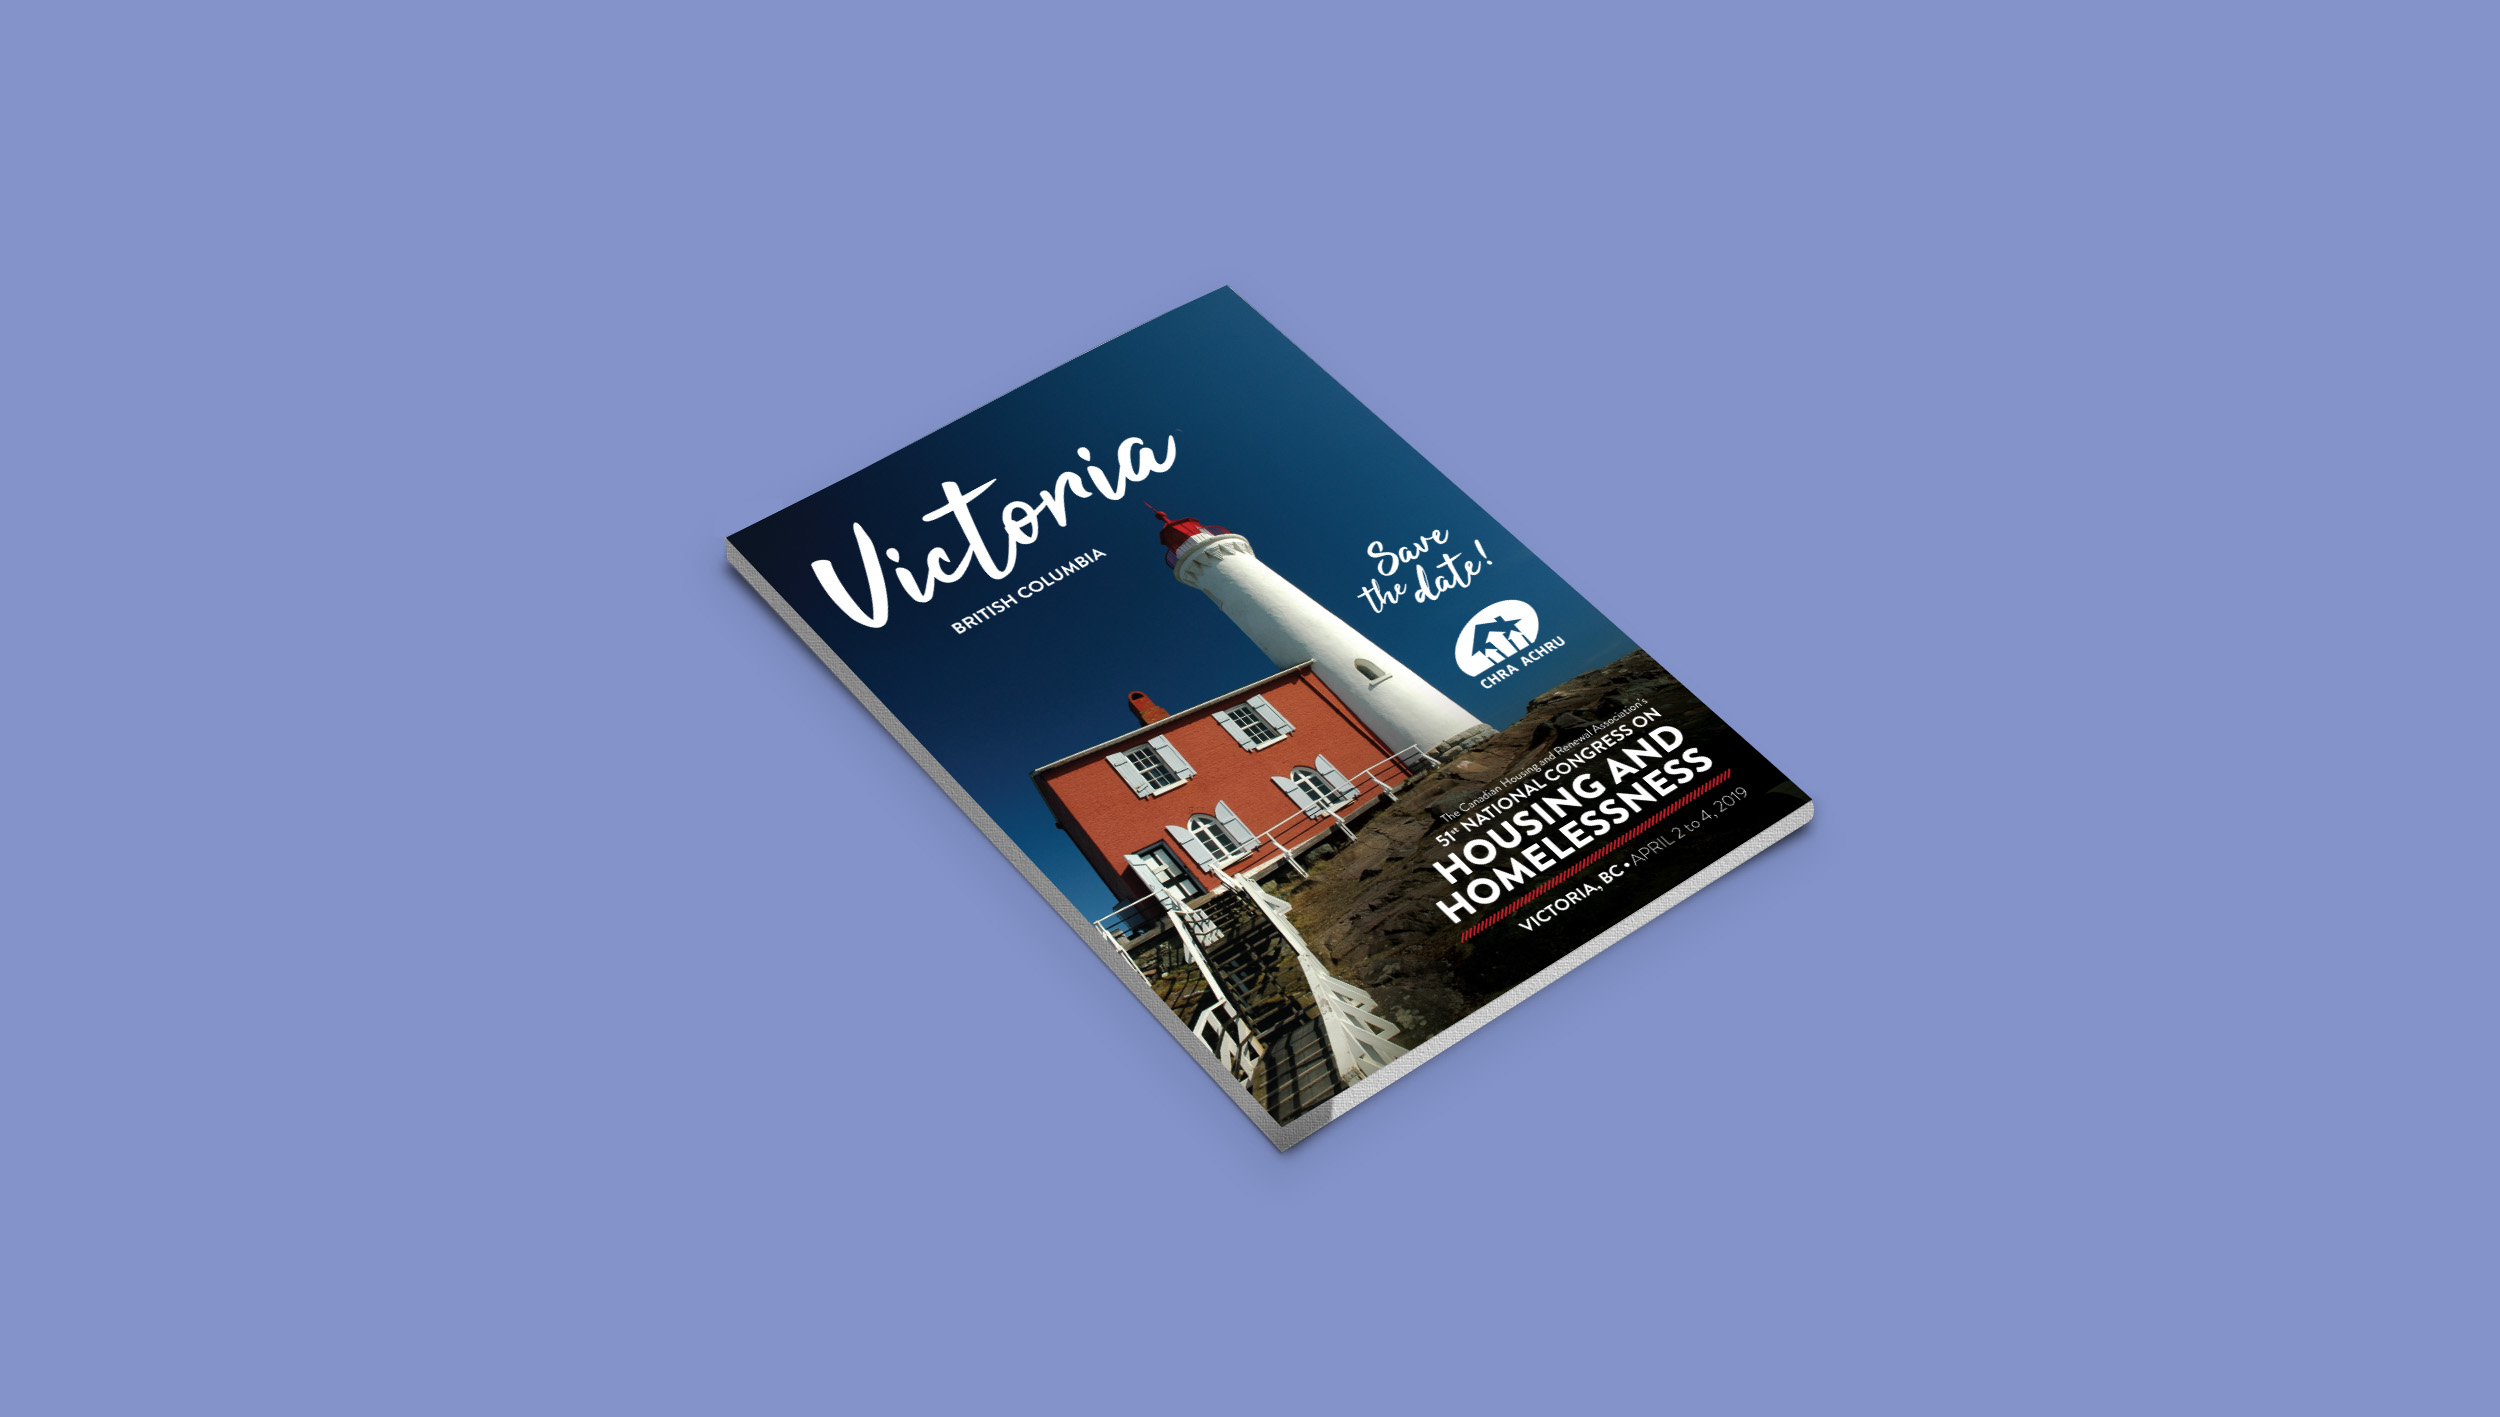 CHRA Congress Program Back Cover.jpg